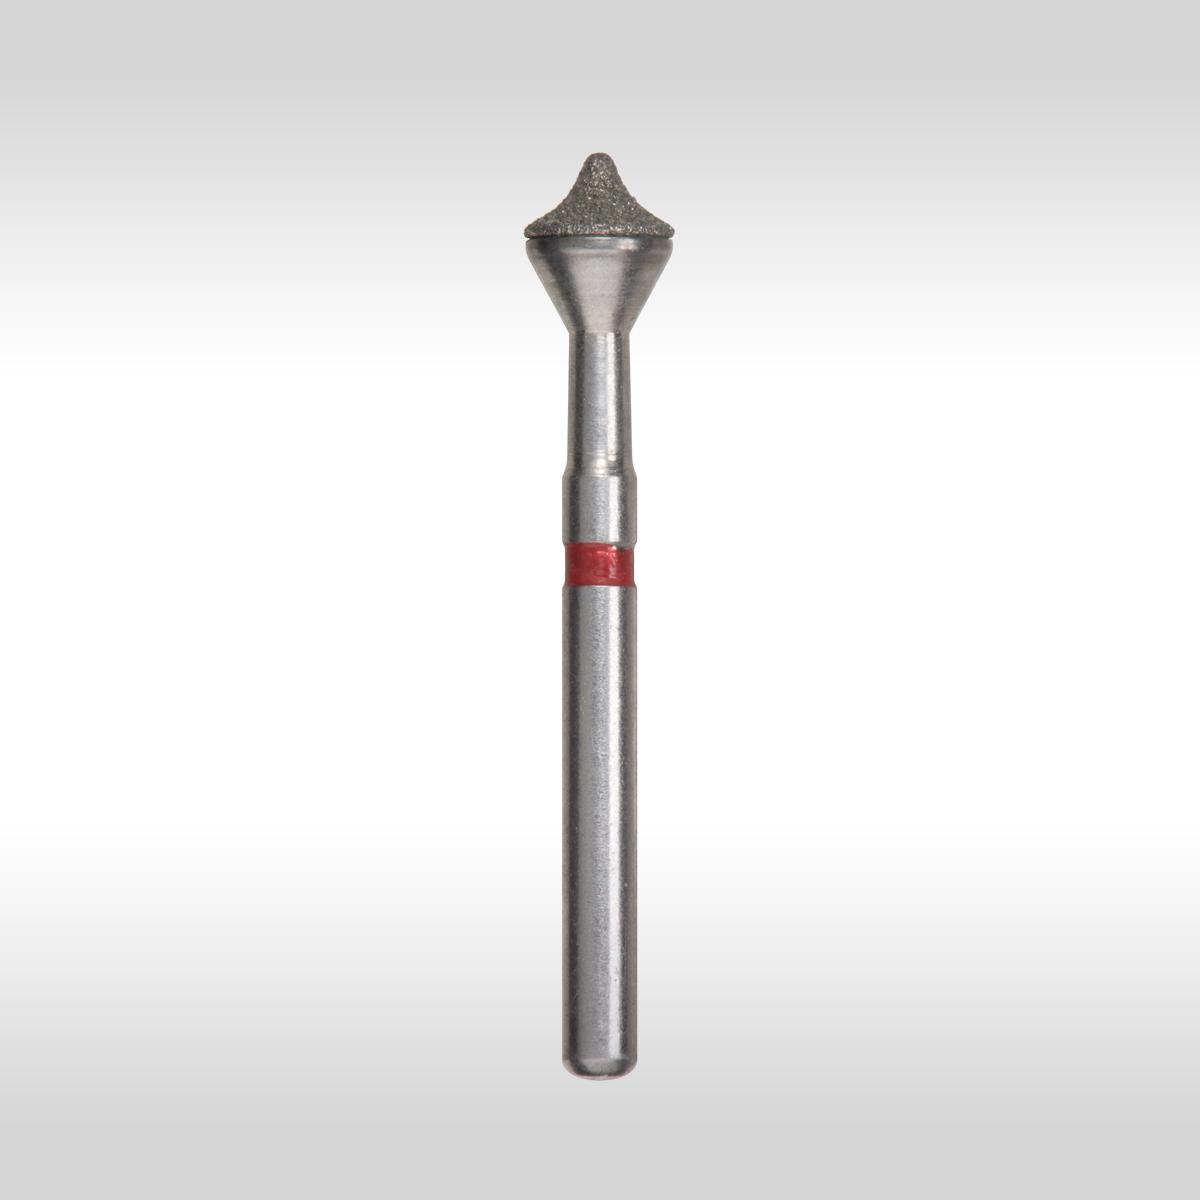 Ponta Diamantada Cônica Topo em Chama FG 4323F -KG Sorensen